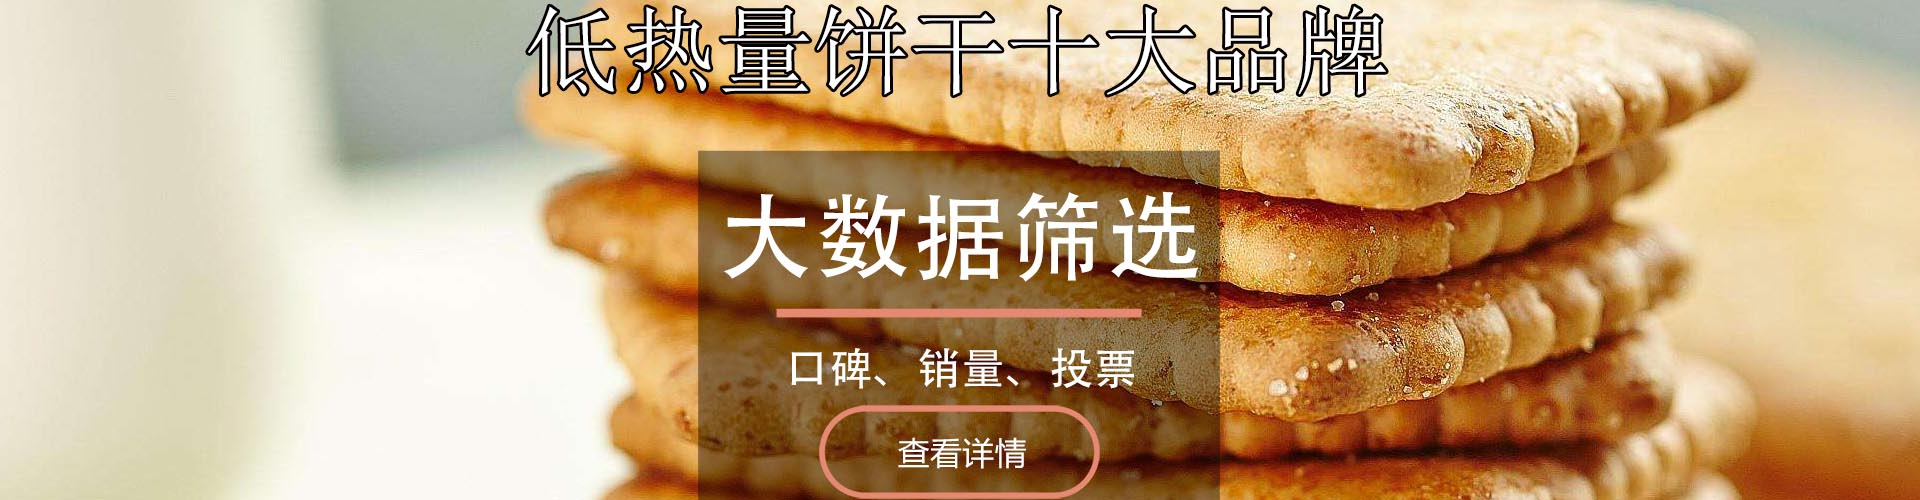 低热量饼干十大品牌排行榜